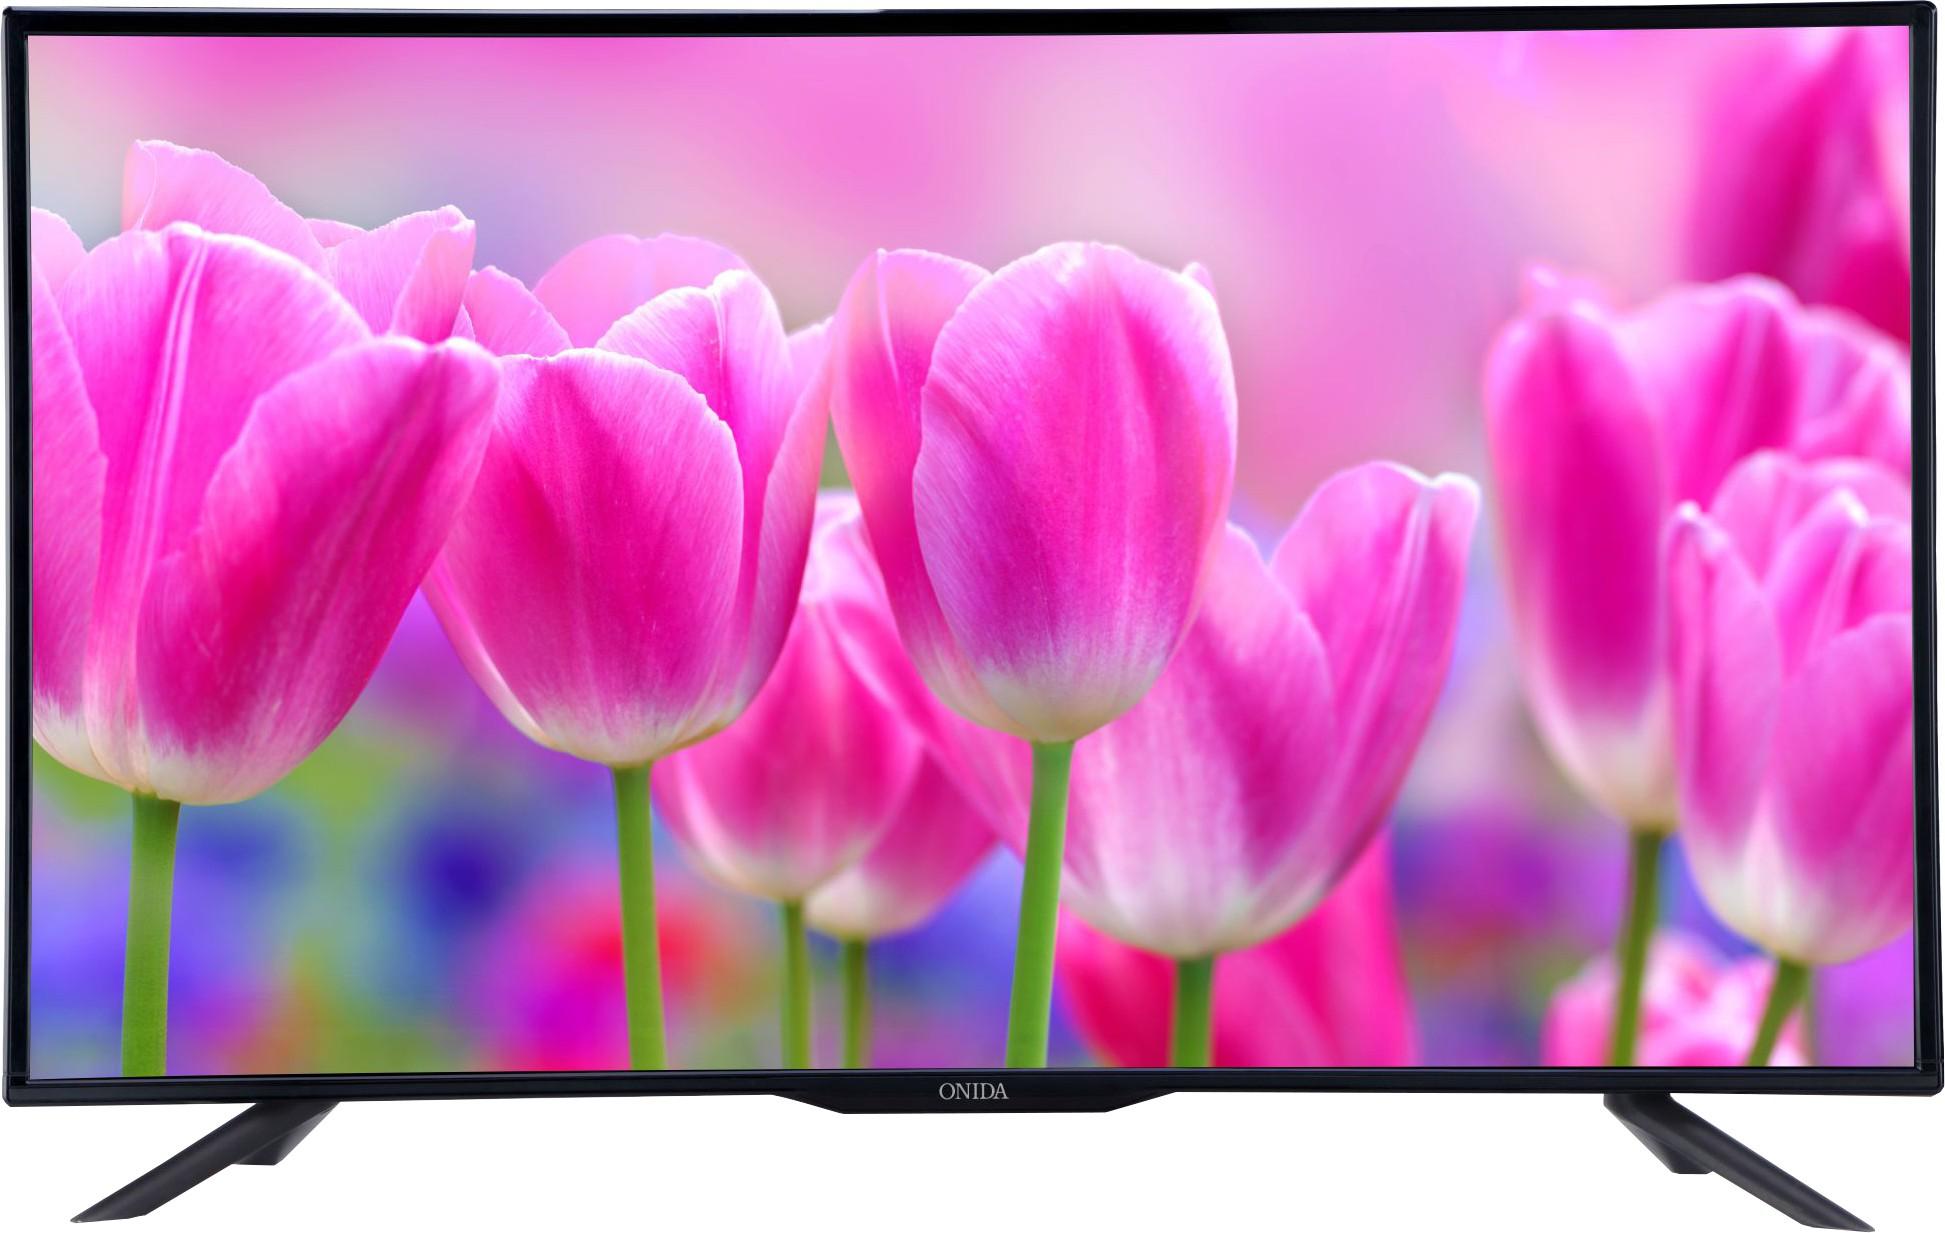 ONIDA LEO50FS 48 Inches Full HD LED TV